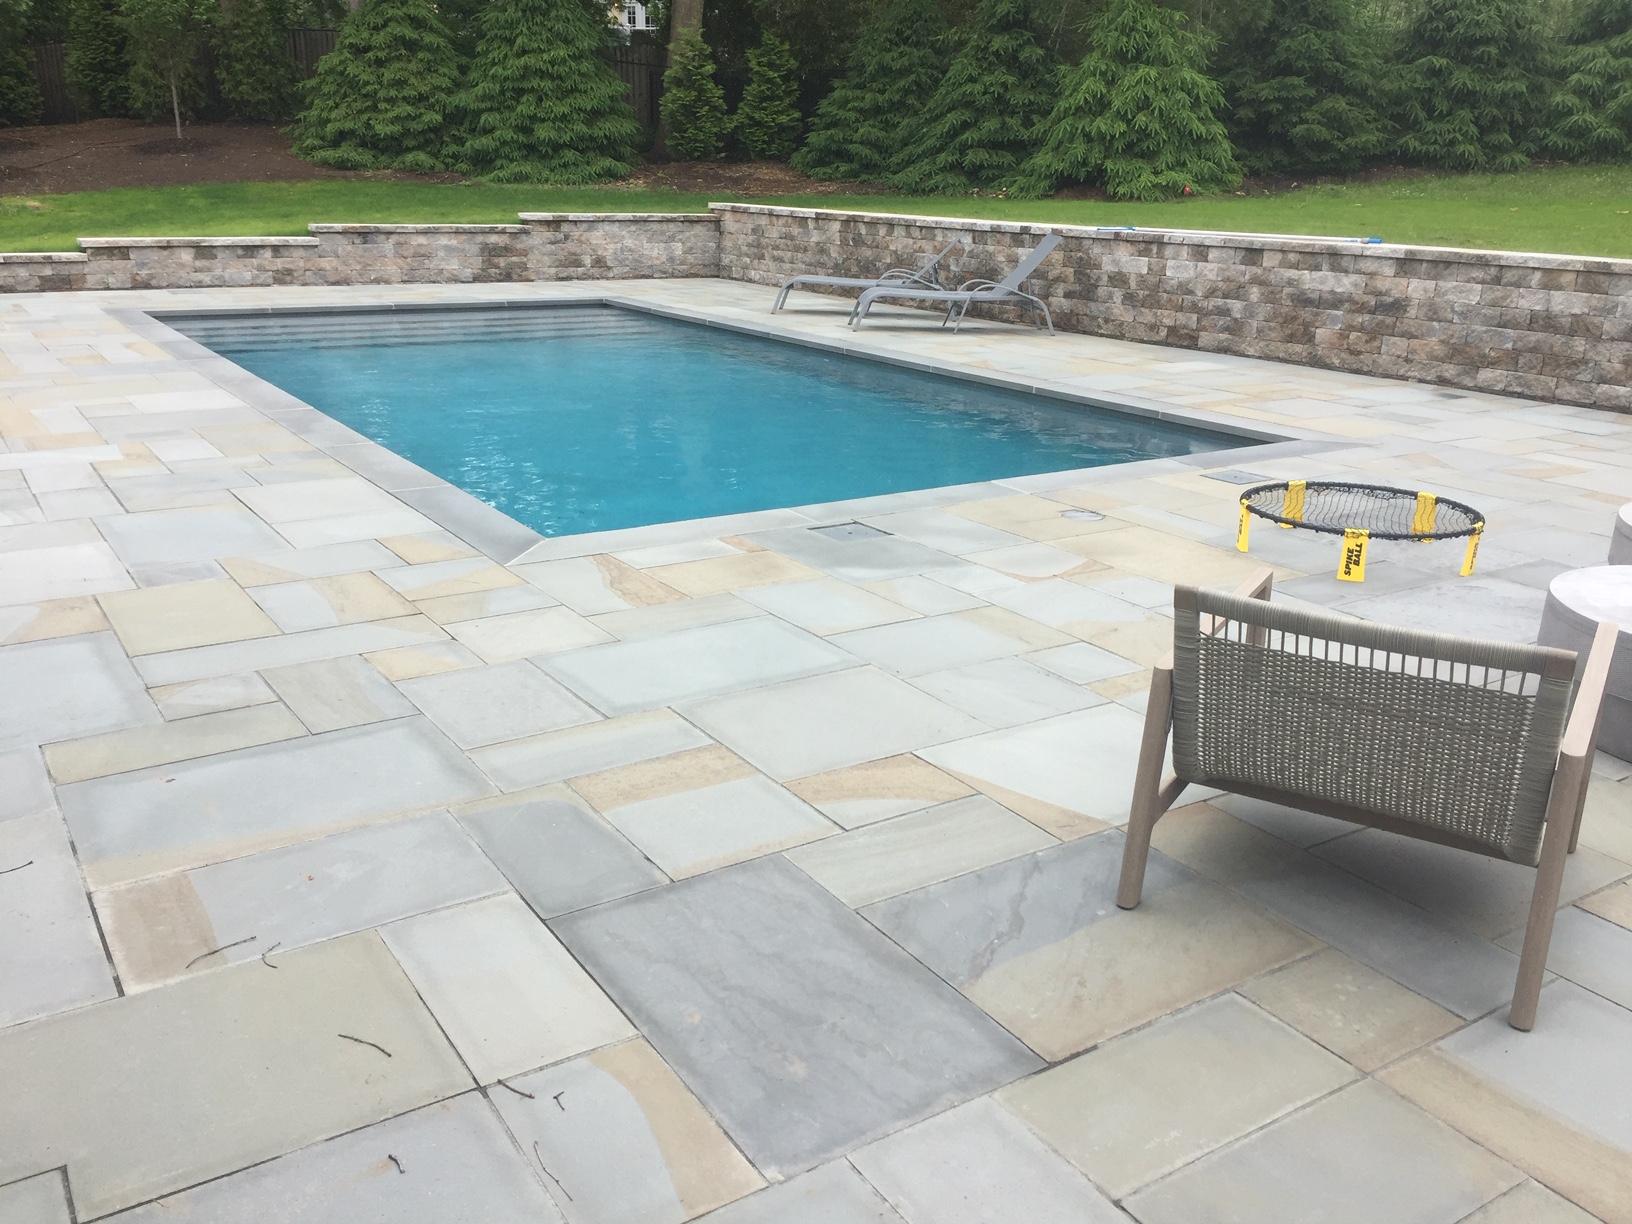 patio around pool